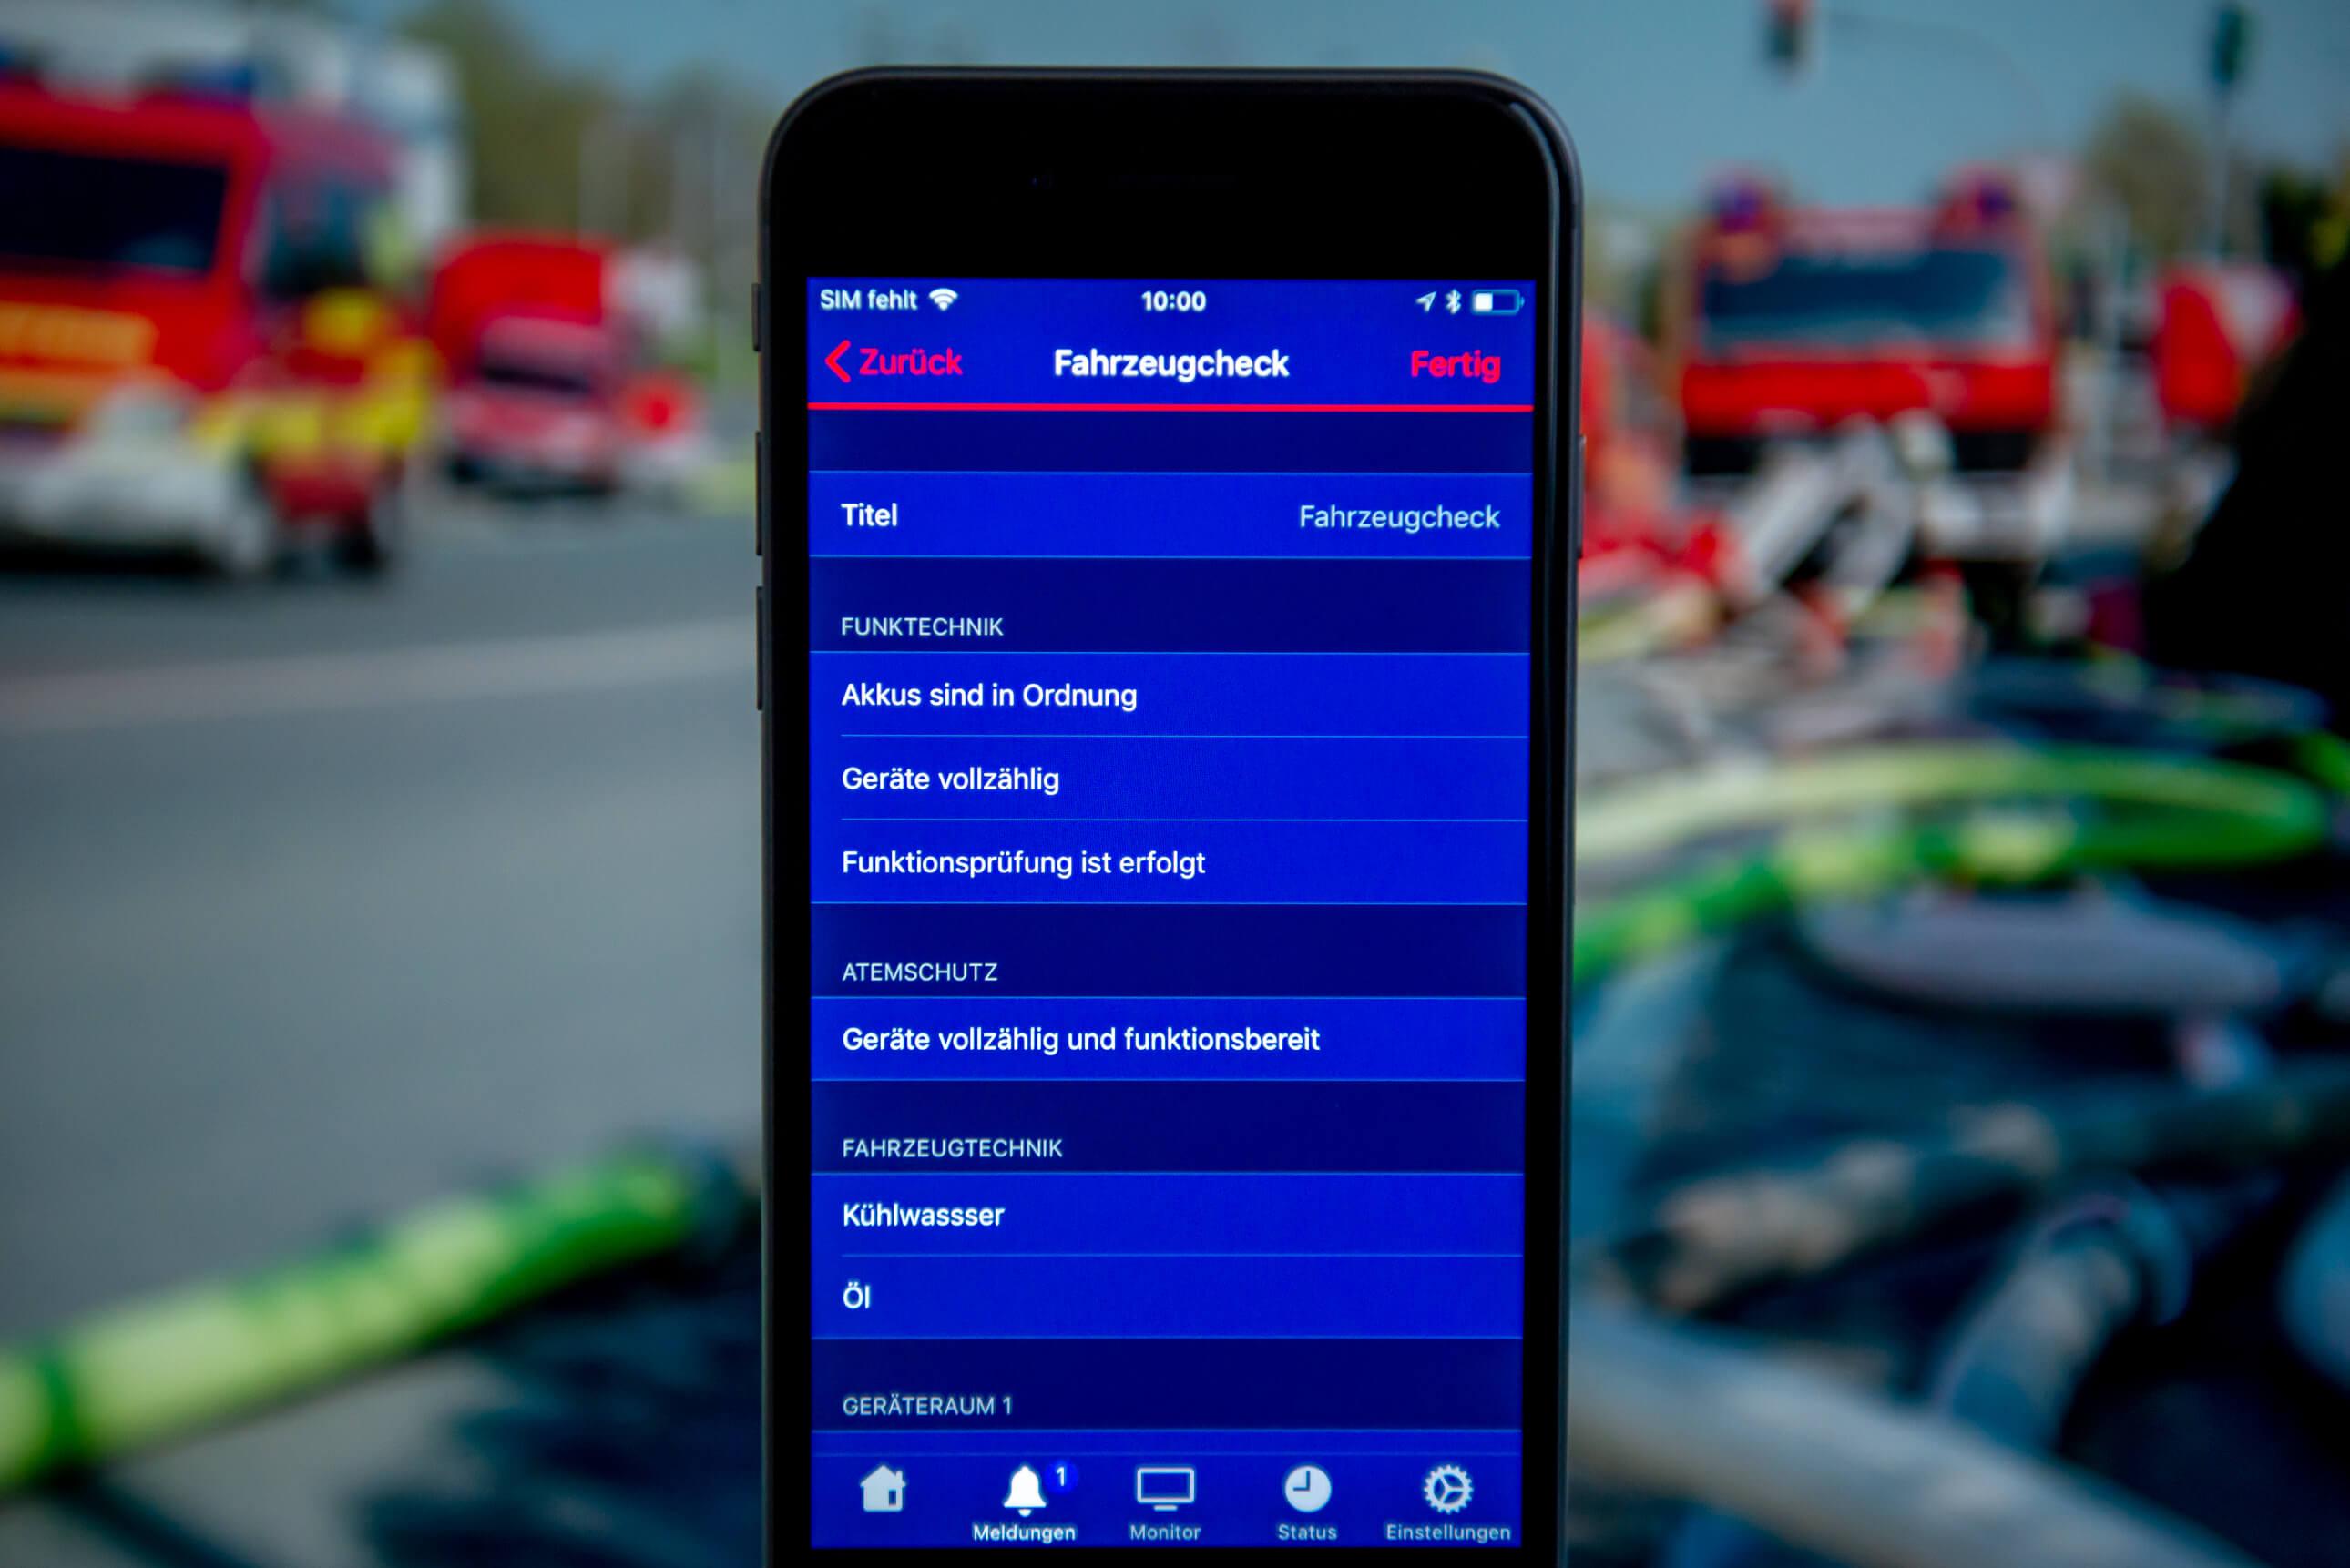 Digitalisierung bei Feuerwehr und Rettungsdienst: Die Datenerfassung bei Unfällen, Ereignissen, Messfahrten als auch die Protokollierung des Fahrtenbuchs erfolgen digital per App und ermöglichen eine unheimlich schnelle Analyse der Daten.